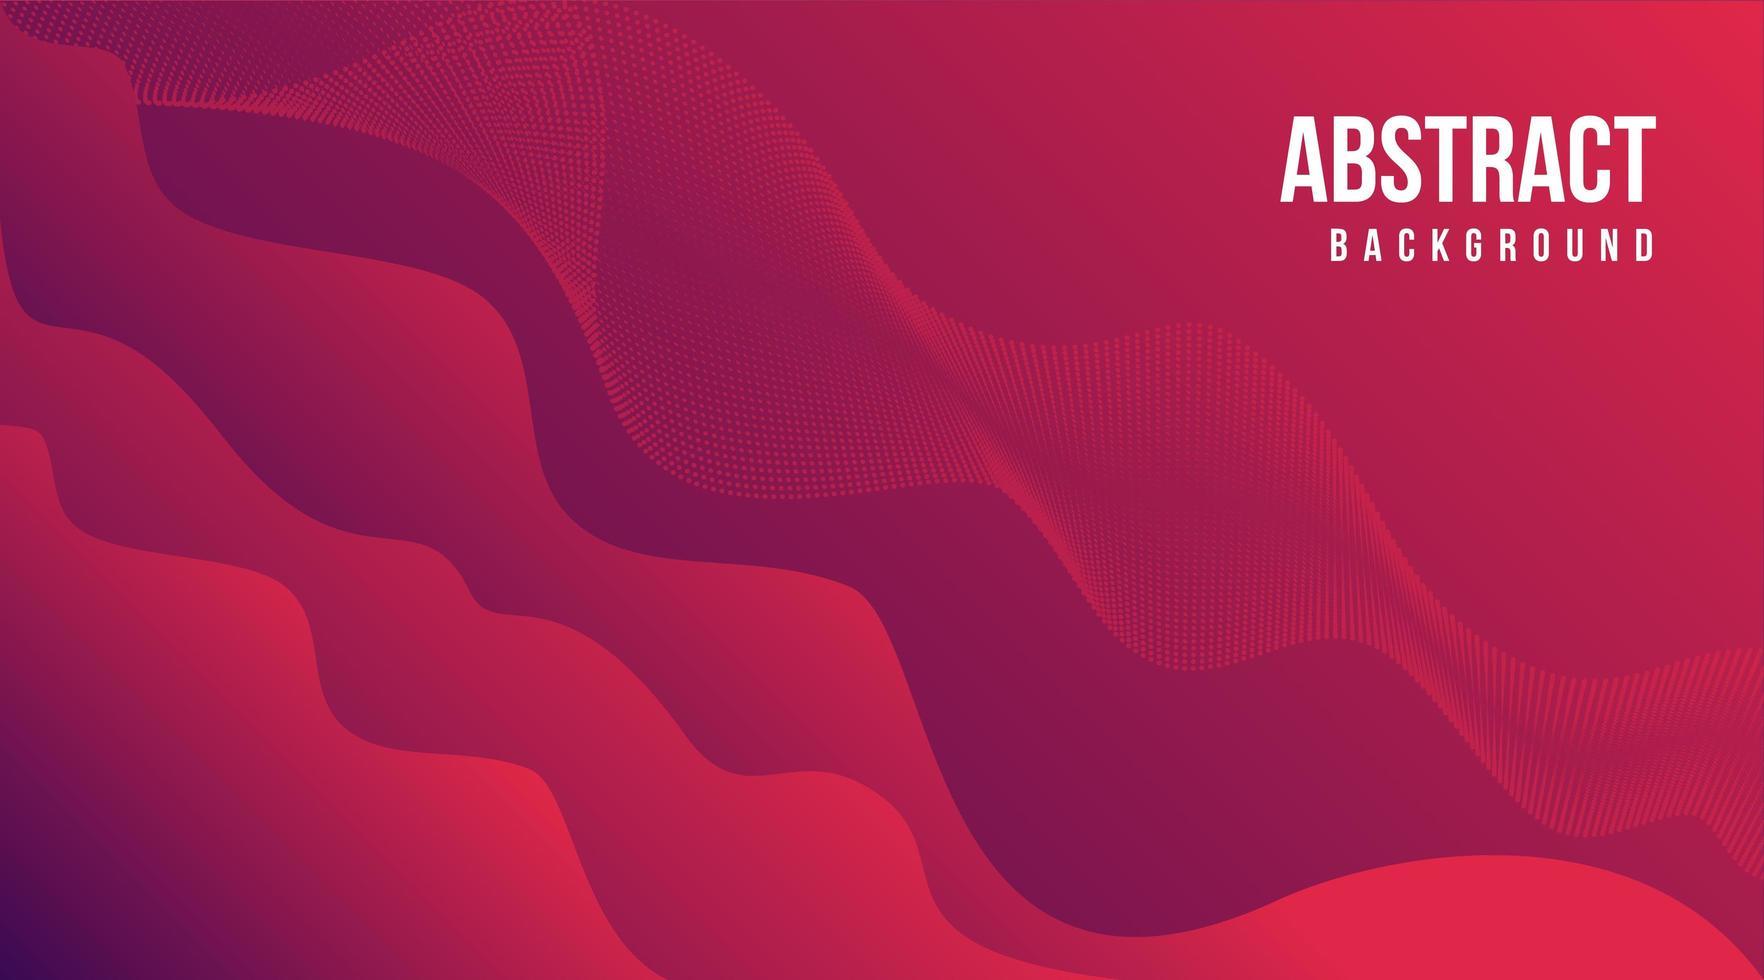 viftande flytande form bakgrund i röda toner vektor